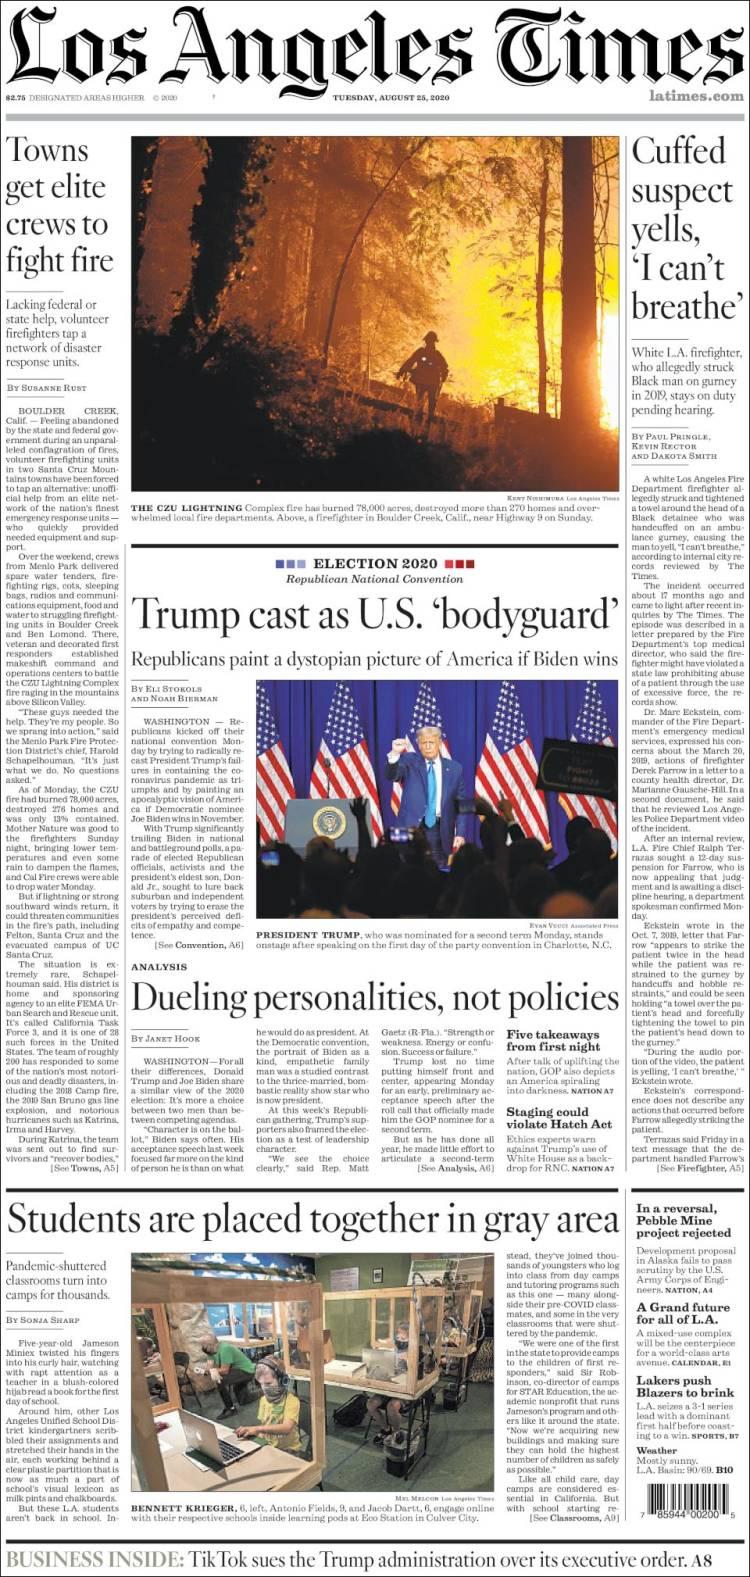 صفحه اول روزنامه لس آنجلس تایمز/ ترامپ خودش را به عنوان محافظ ایالات متحده نشان داد